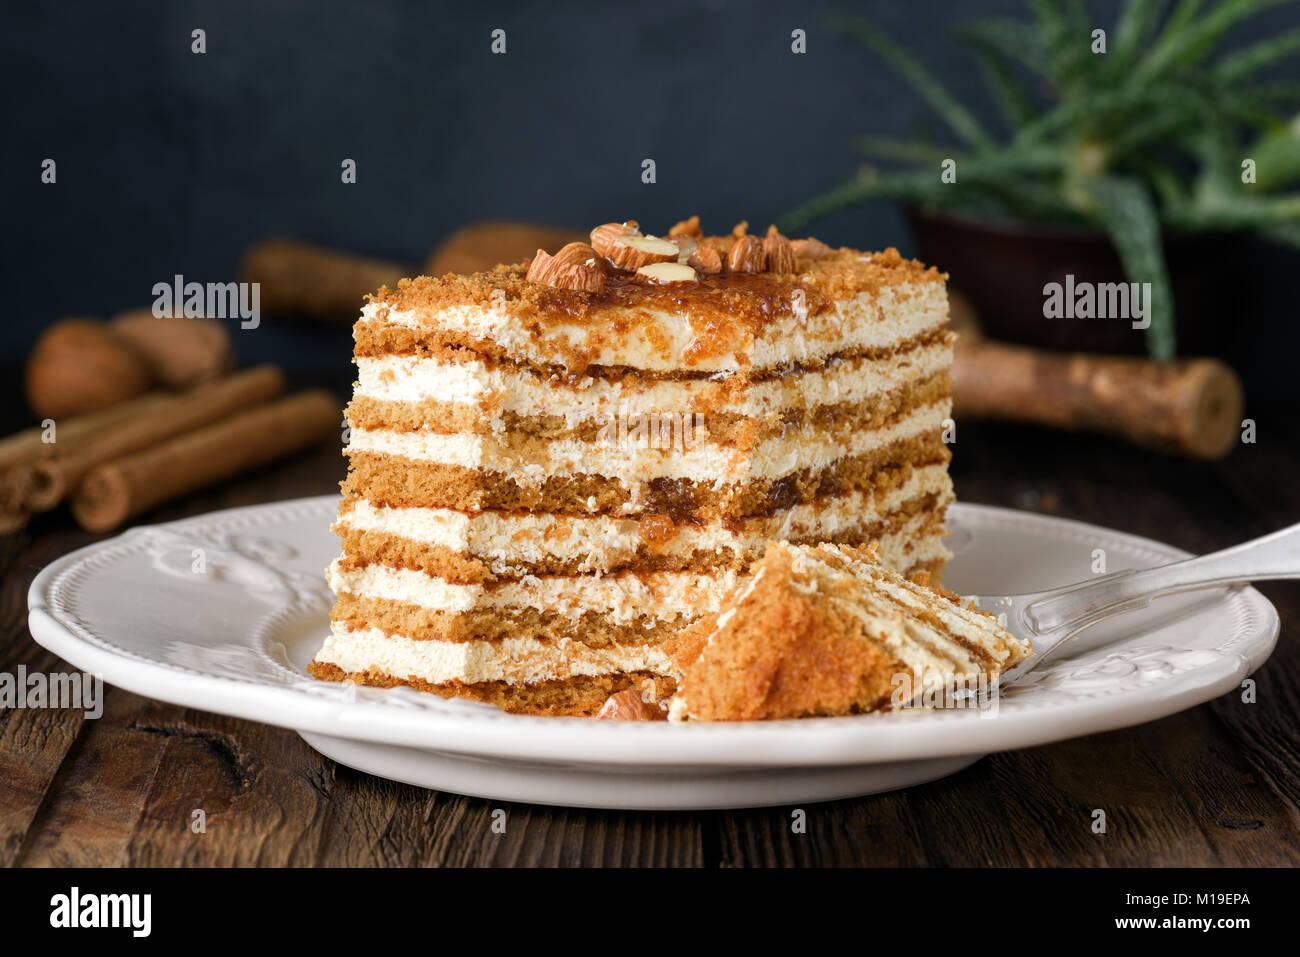 Honig Kuchen Mit Mandeln Auf Weisse Platte Russische Kuchen Medovik